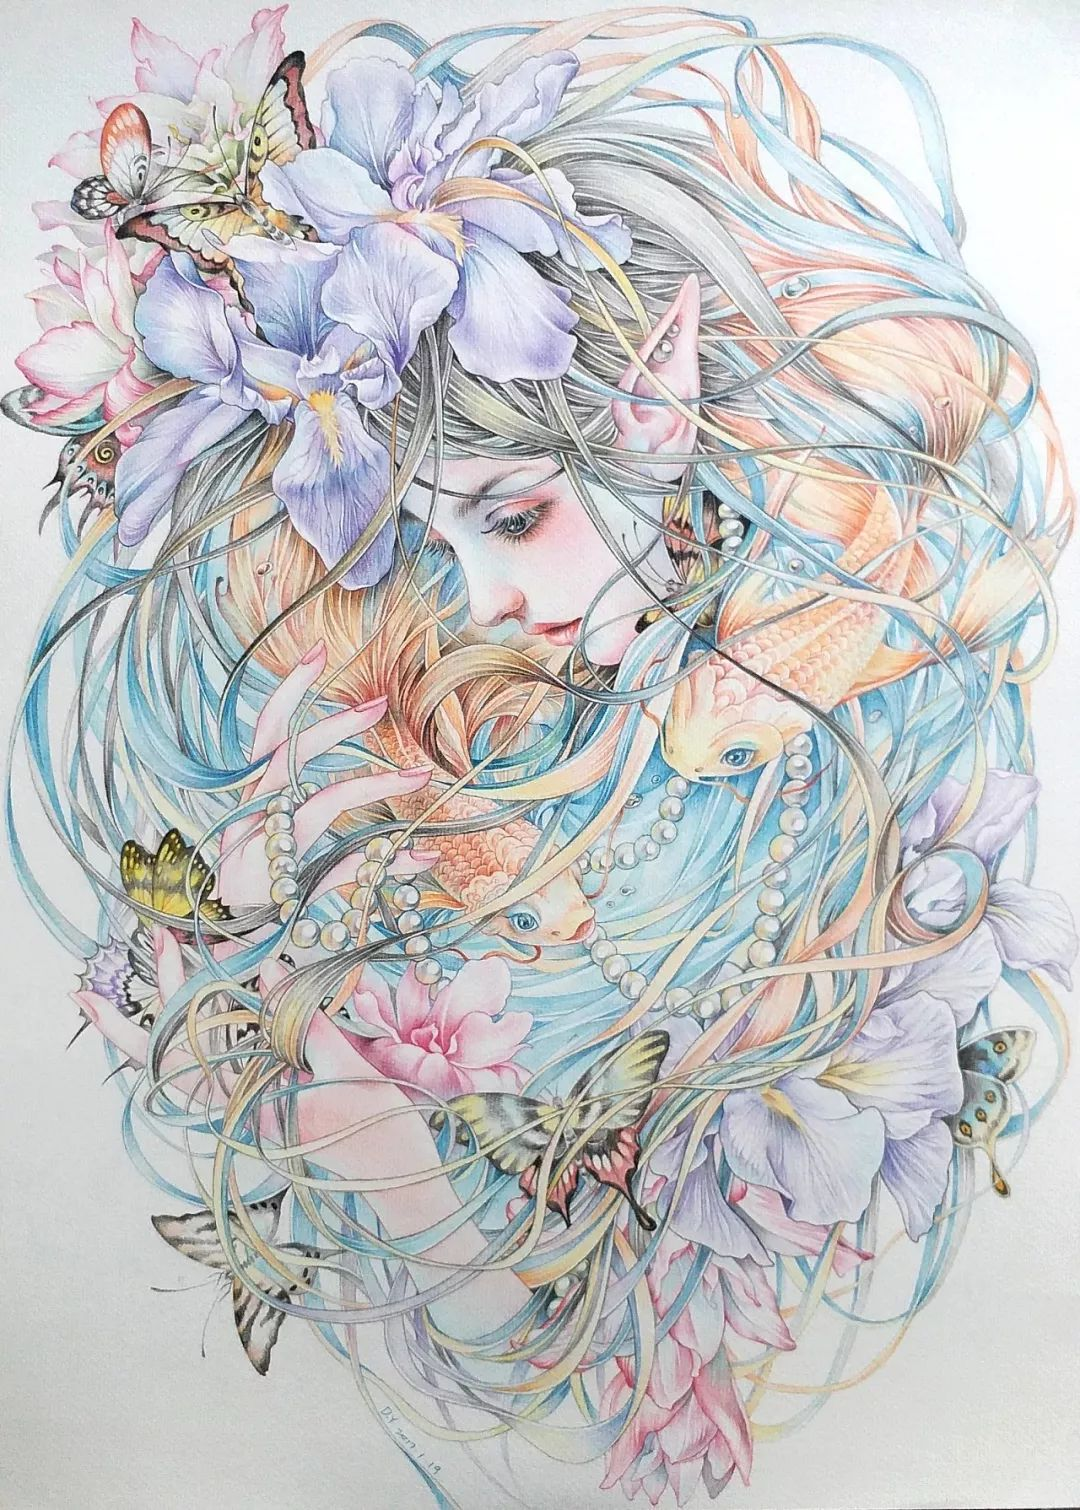 这些带着仙气的彩铅插画,每一幅都这么迷人,保证你看了一定喜欢!